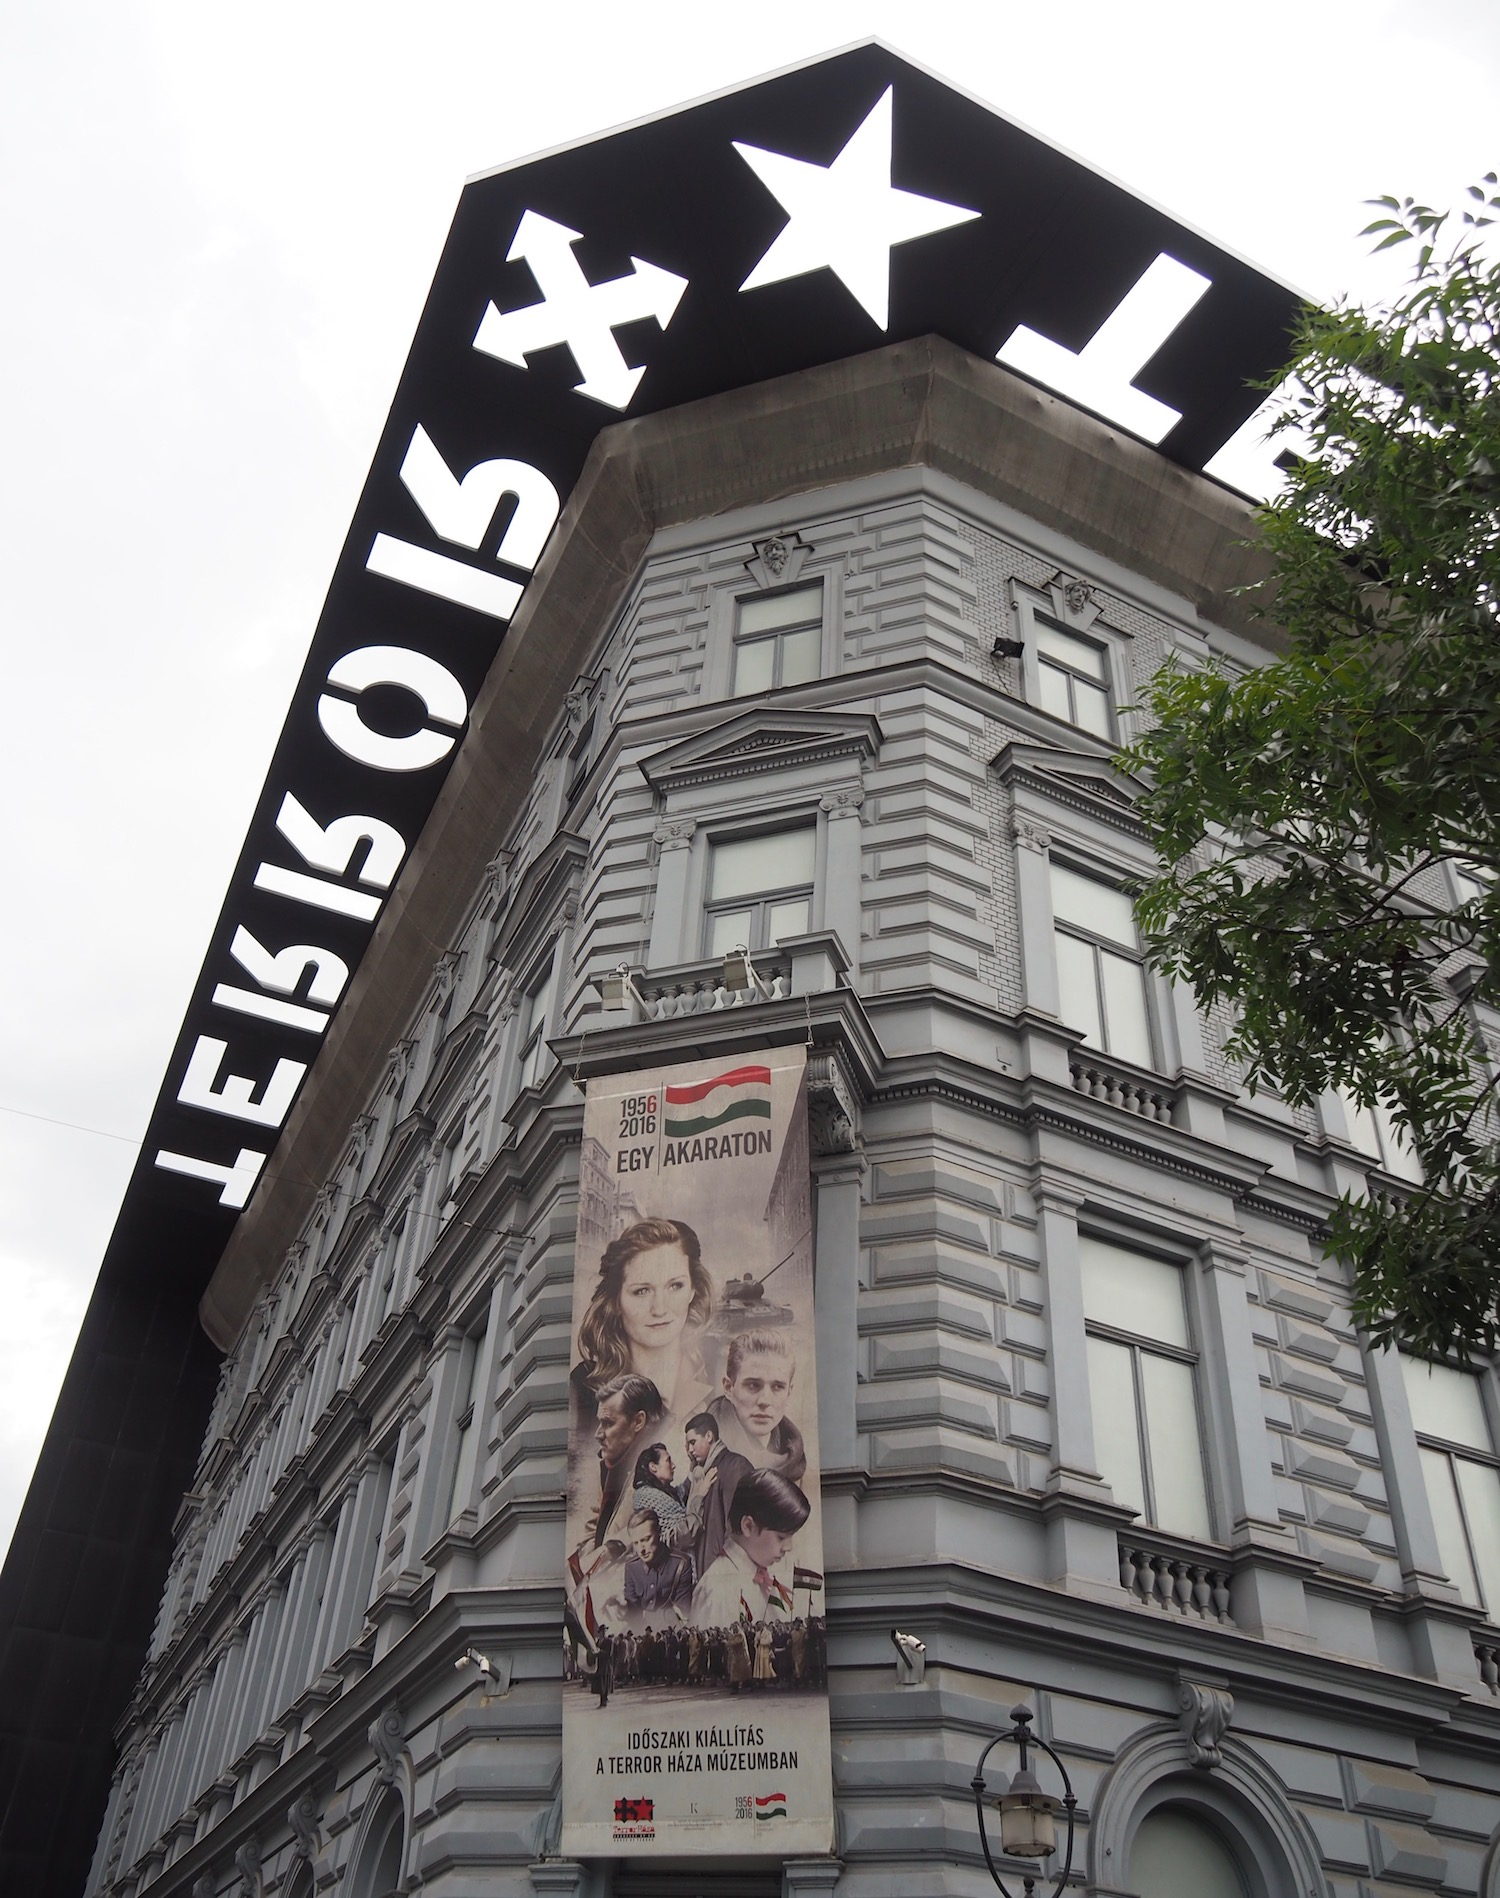 Visite de Budapest en famille, itinéraire sur 5 jours - Musée de la terreur